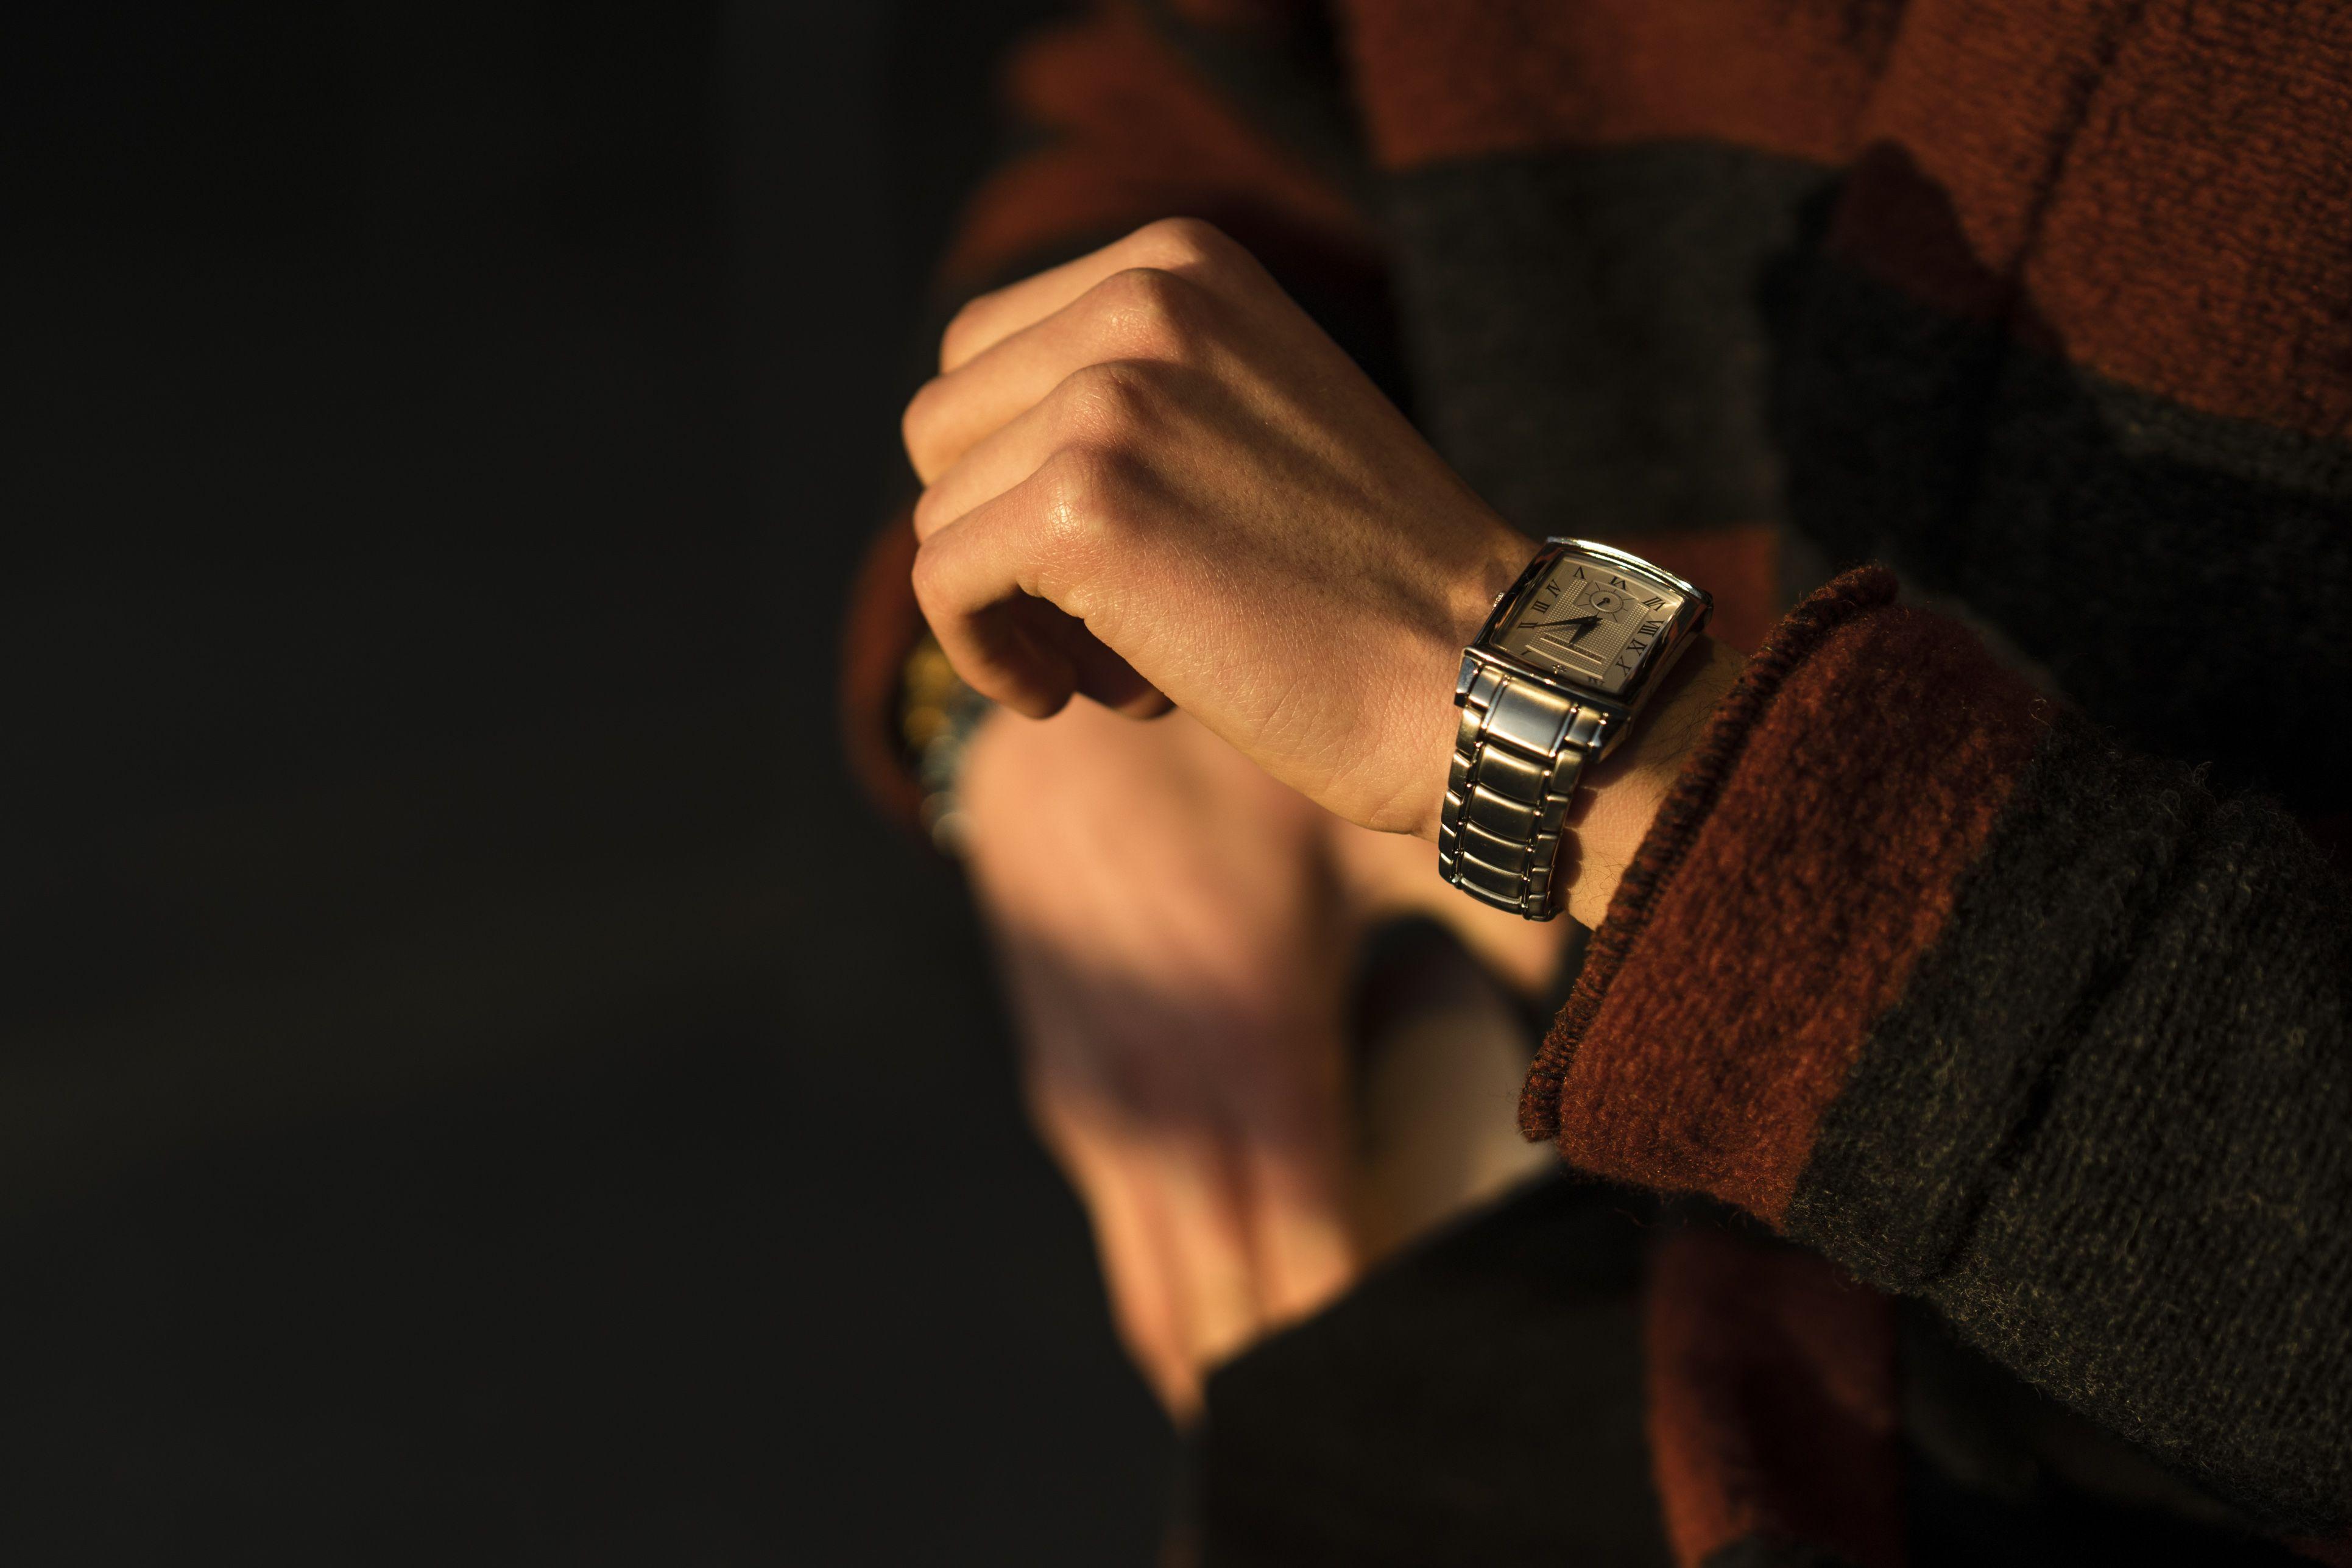 Los 25 Mejores Relojes Para Hombre La Mejor Selección De Relojes Originales Para Regalar